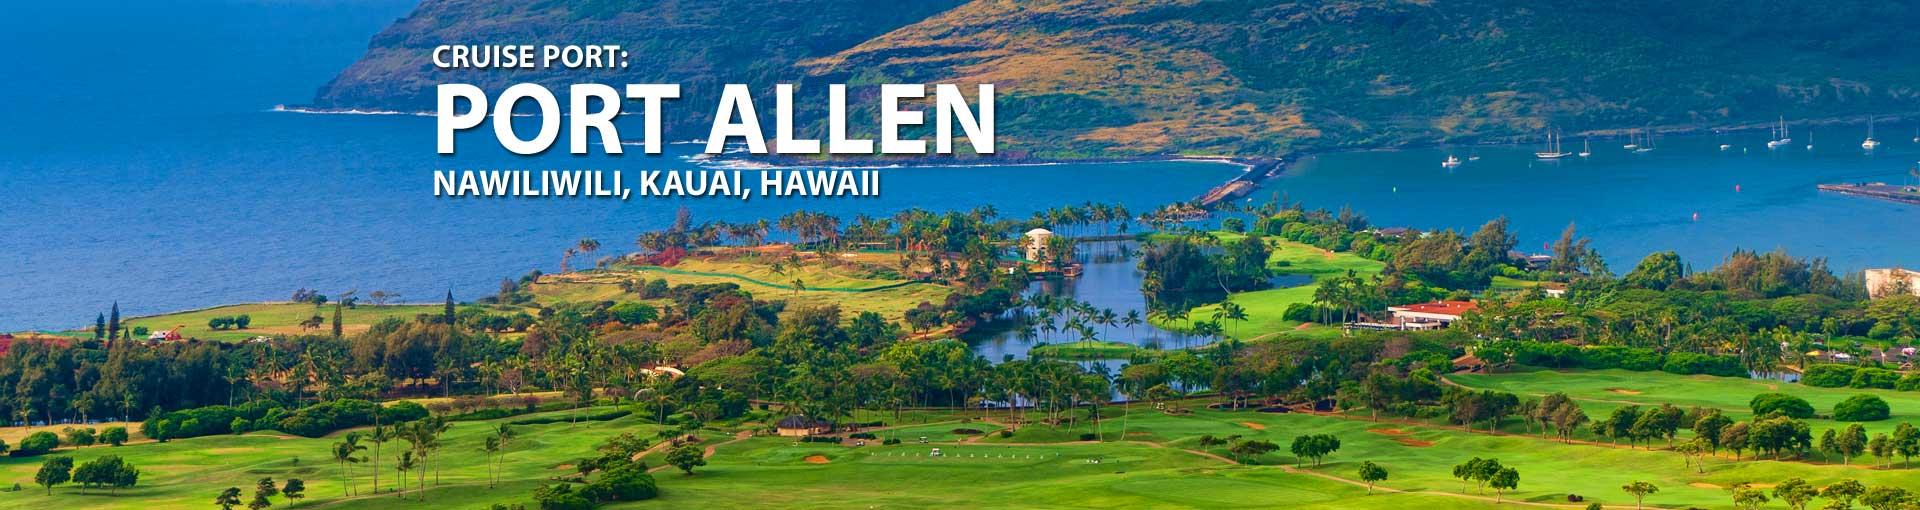 Cruises to Port Allen, Nawiliwili, Kauai, Hawaii